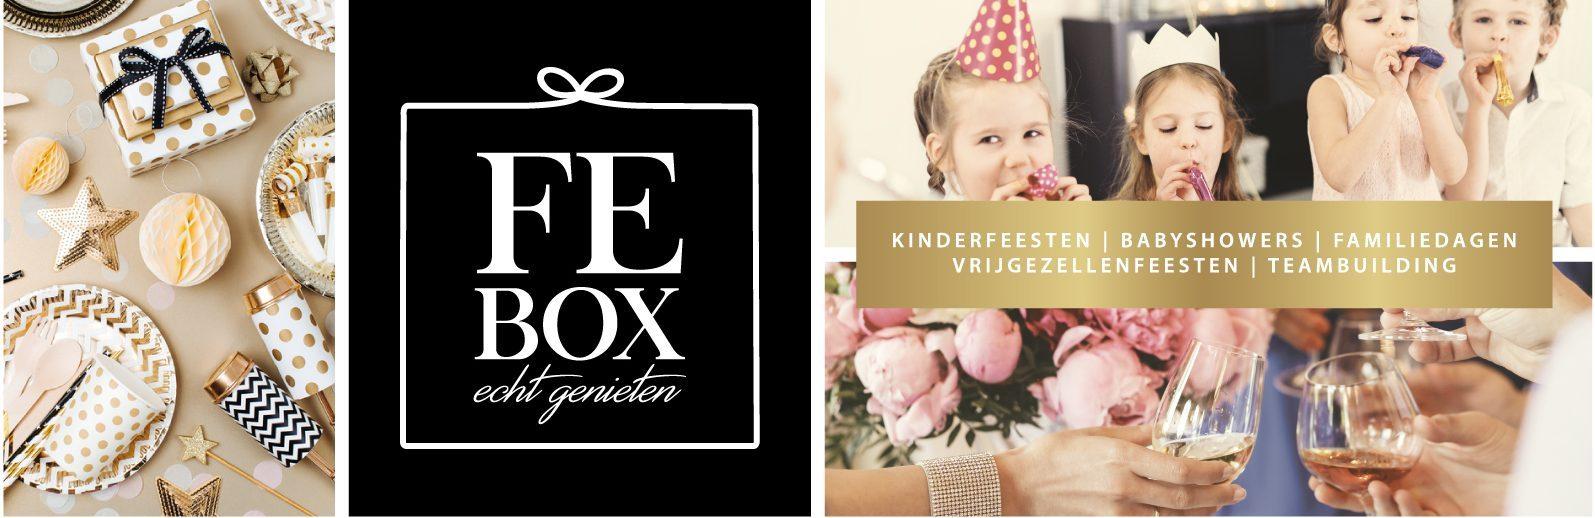 Febox omslagfoto / logo